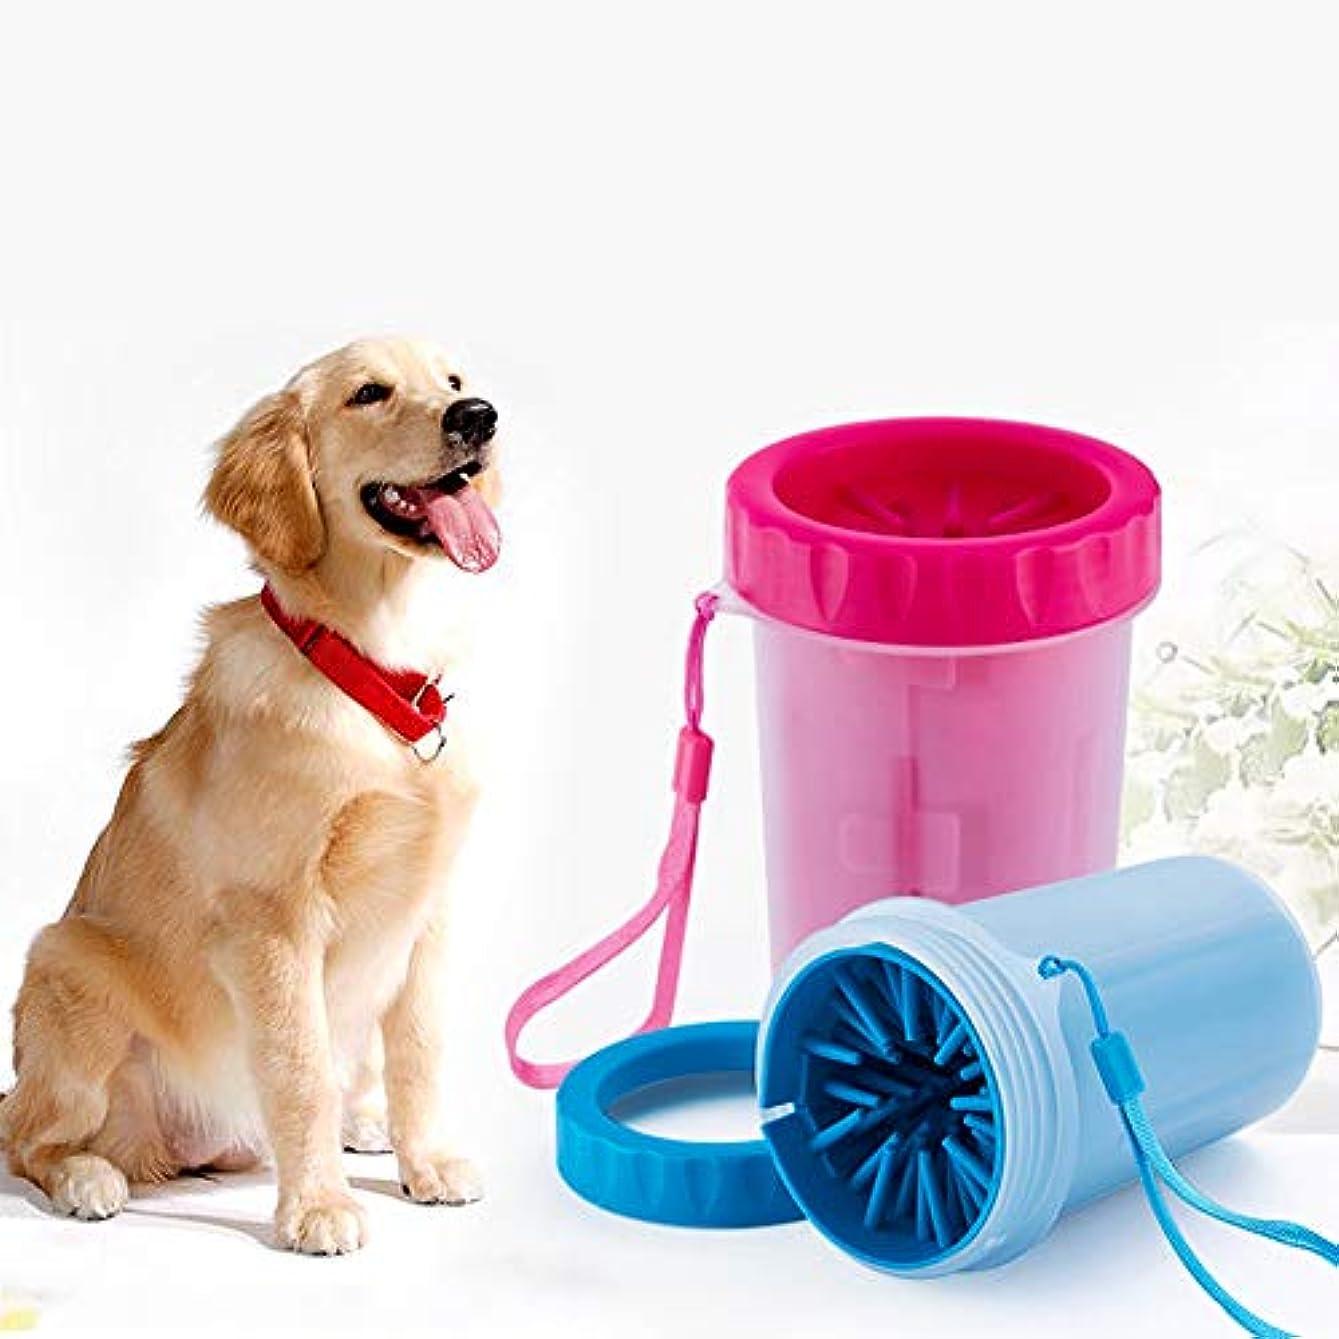 恐ろしいですインタフェース商標犬 足洗い ブラシカップ 犬用品 犬足ブラシ ペット足洗い ブラシカップ ペット用品 足洗いカップ 足クリーナー マッサージクリーナー  洗浄カップ 犬 猫   小型犬 中型犬 大型犬 2色(S/L) ピンク S